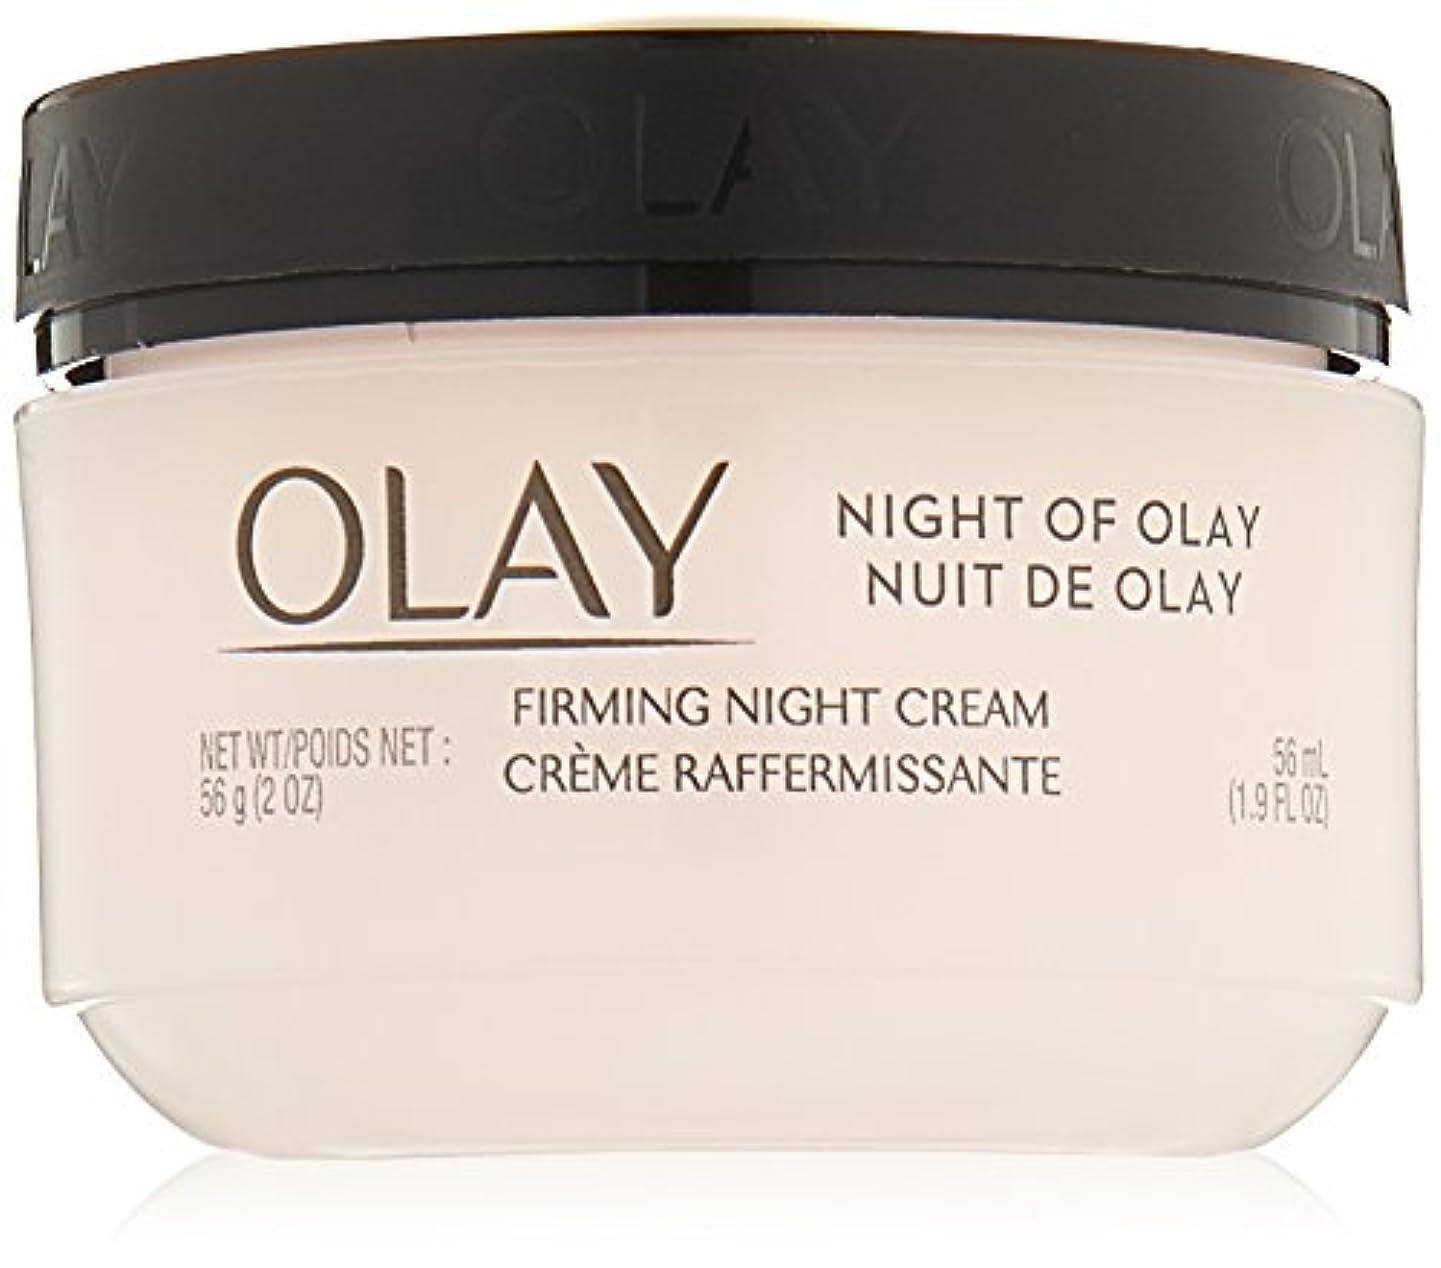 ソファー投票テンポOIL OF OLAY NIGHT CREAM 2 OZ by Olay